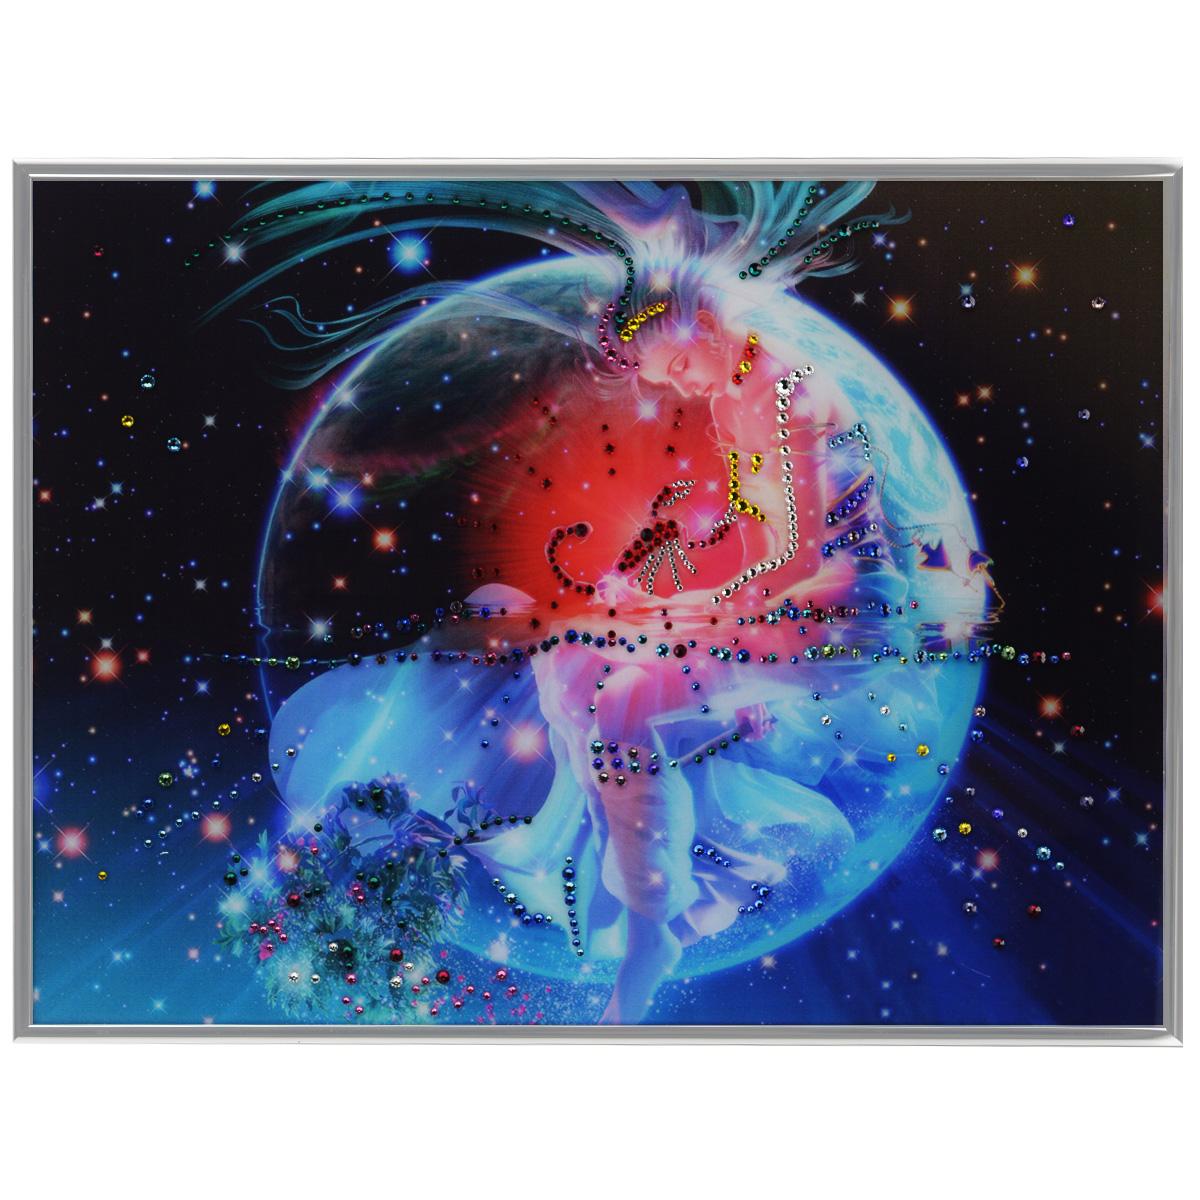 Картина с кристаллами Swarovski Знак зодиака. Скорпион Кагая, 40 х 30 см1148Изящная картина в металлической раме, инкрустирована кристаллами Swarovski, которые отличаются четкой и ровной огранкой, ярким блеском и чистотой цвета. Красочное изображение знака зодиака - скорпион Кагая, расположенное под стеклом, прекрасно дополняет блеск кристаллов. С обратной стороны имеется металлическая петелька для размещения картины на стене. Картина с кристаллами Swarovski Знак зодиака. Скорпион Кагая элегантно украсит интерьер дома или офиса, а также станет прекрасным подарком, который обязательно понравится получателю. Блеск кристаллов в интерьере, что может быть сказочнее и удивительнее. Картина упакована в подарочную картонную коробку синего цвета и комплектуется сертификатом соответствия Swarovski.